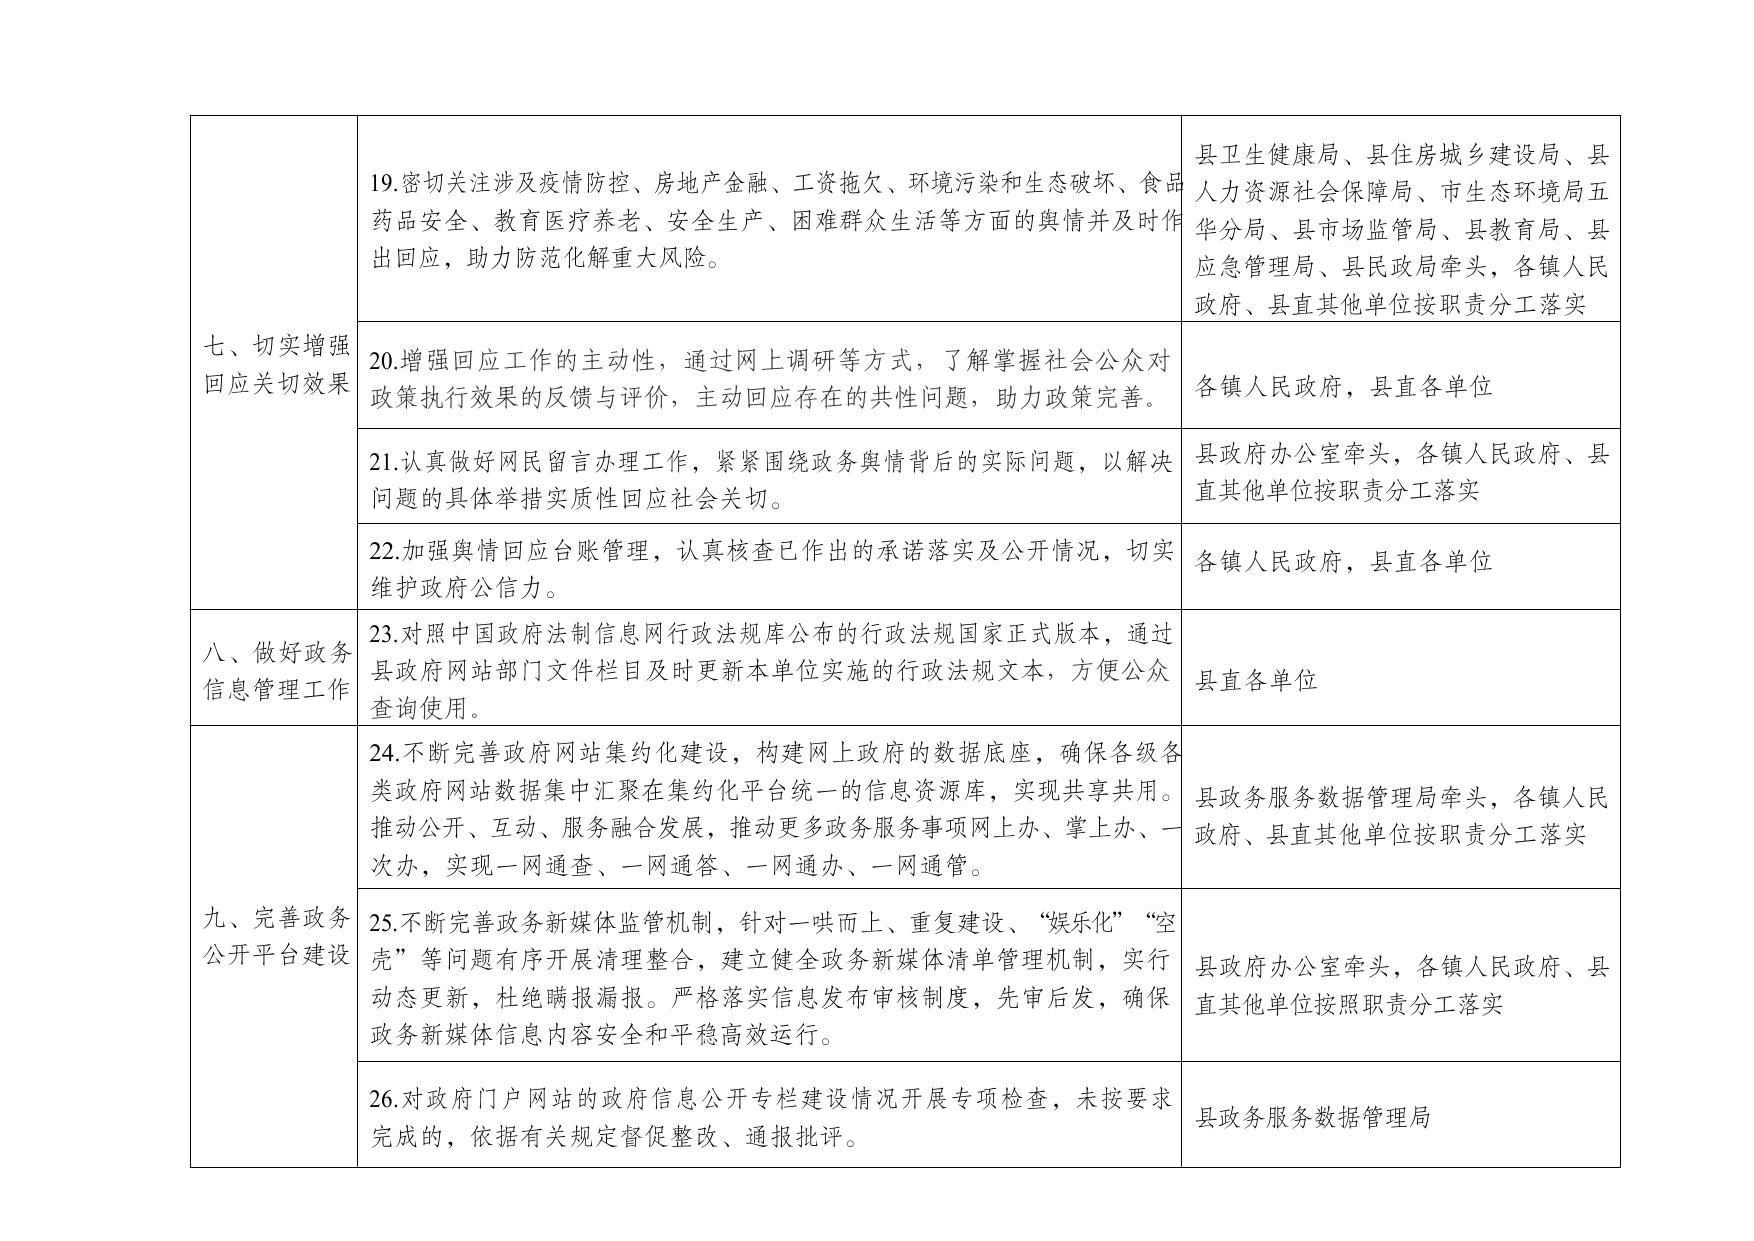 五华县人民政府办公室关于印发五华县2021年政务公开工作要点分工方案的通知0002.jpg